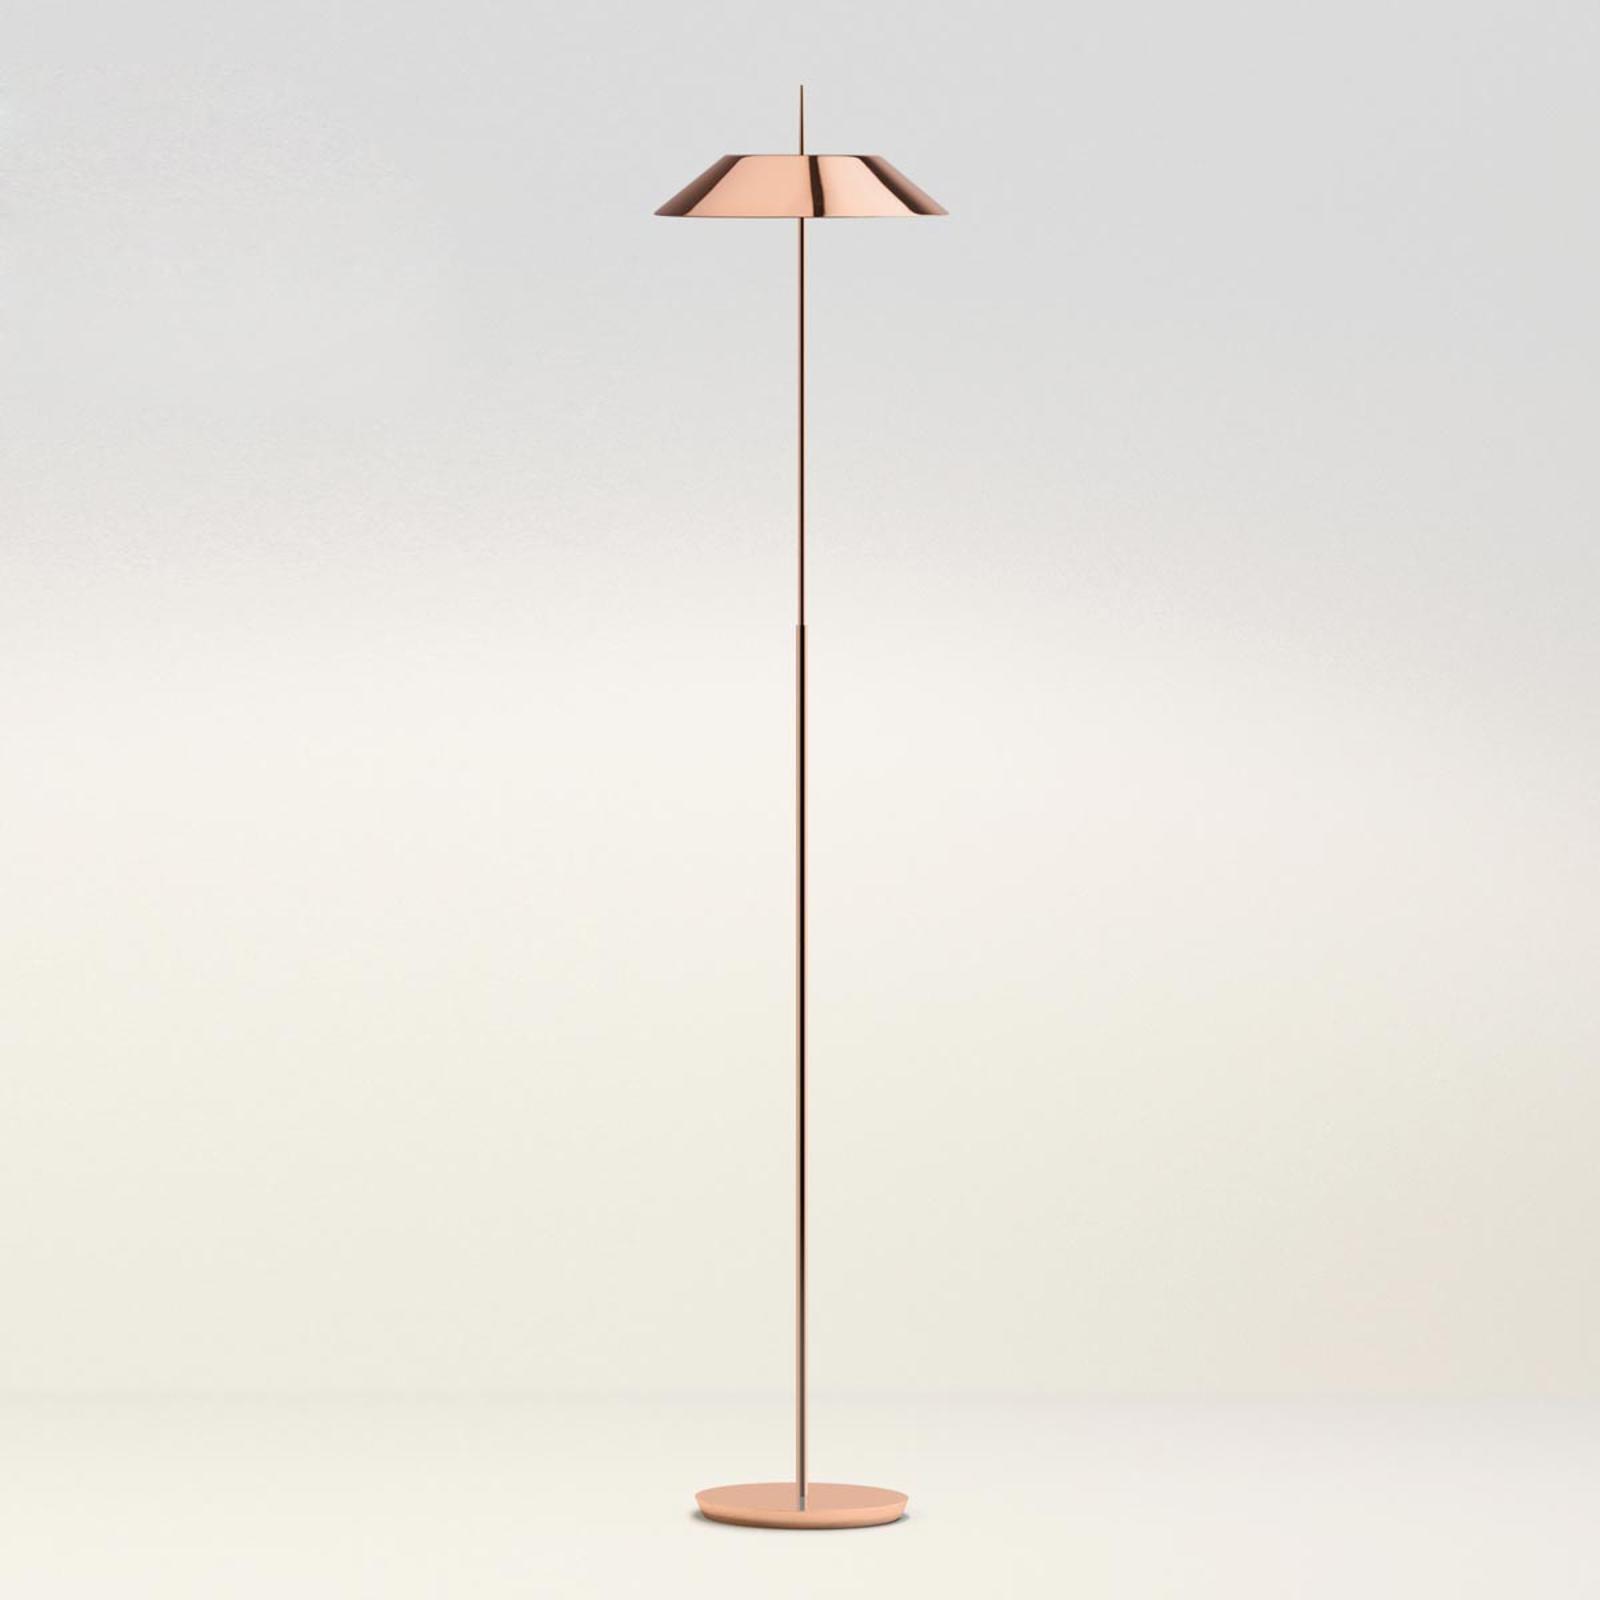 Chique led vloerlamp Mayfair in koper